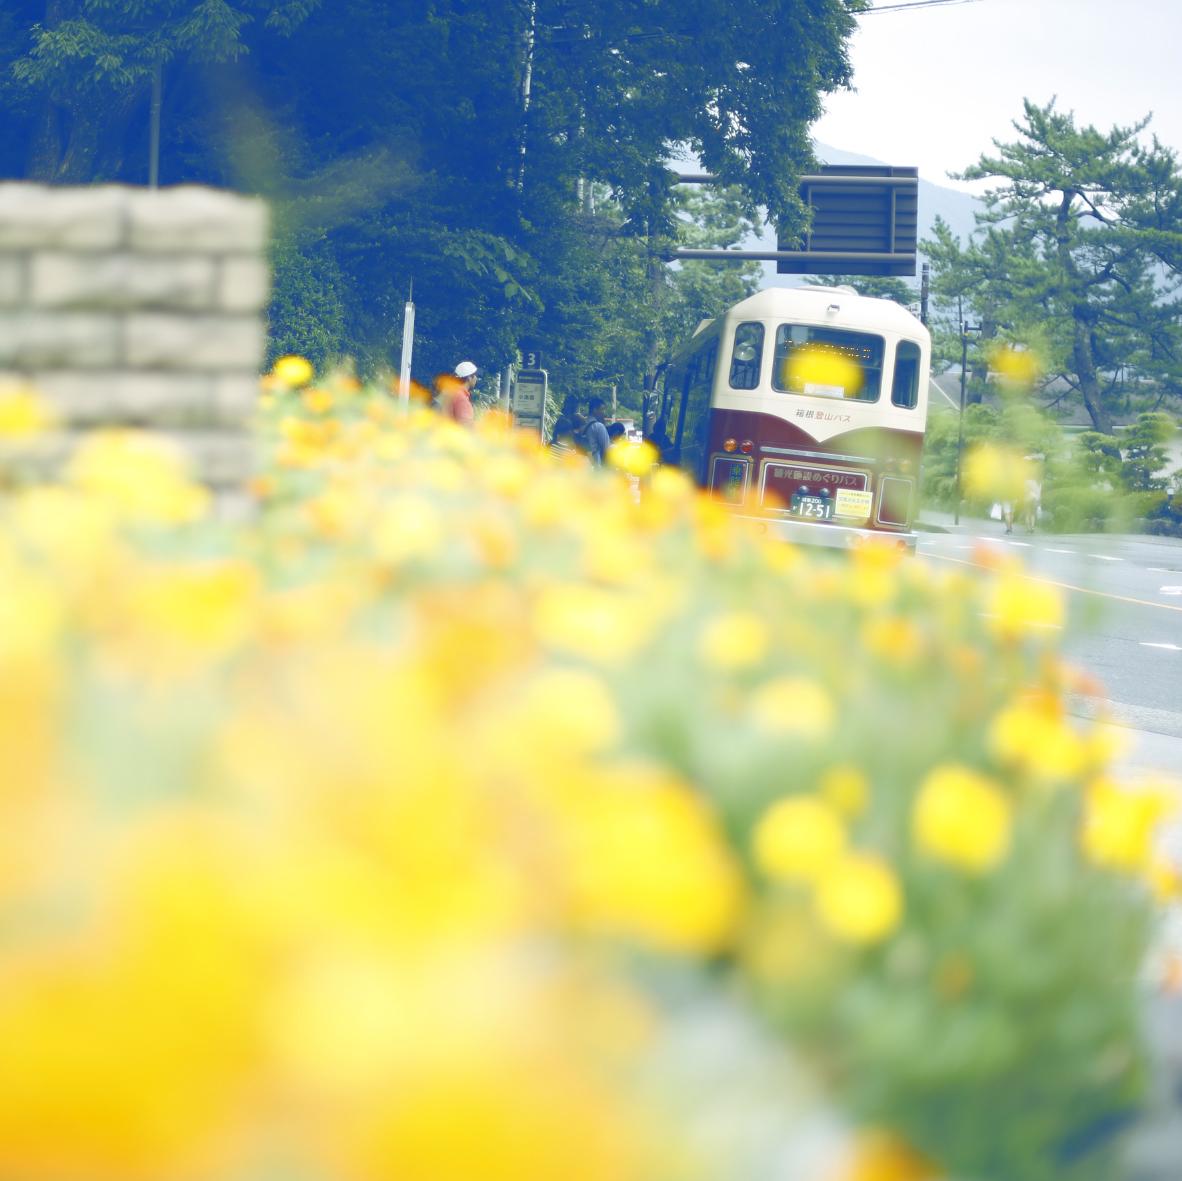 観光施設めぐりバスが「天悠」発着になります。